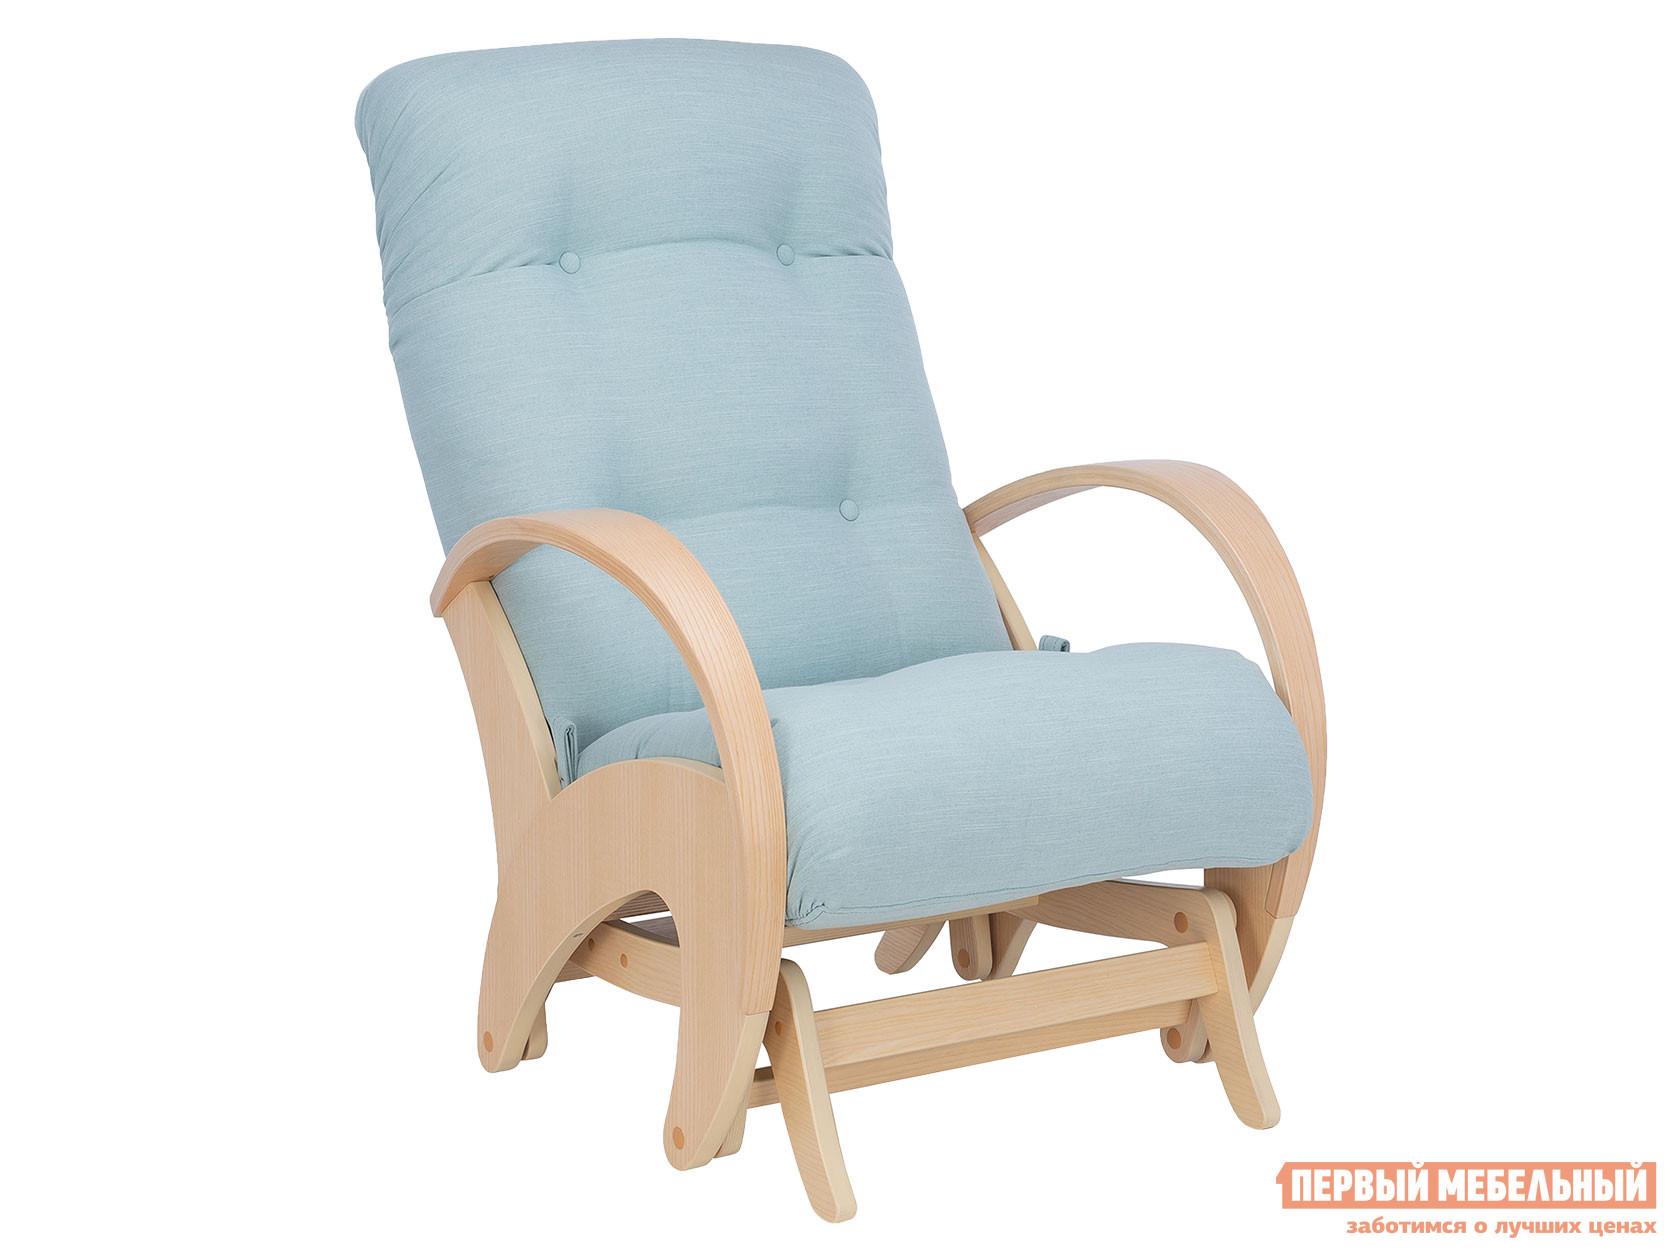 Кресло-качалка Мебель Импэкс Кресло-глайдер Эстет кресло качалка мебель импэкс кресло качалка складное белтех